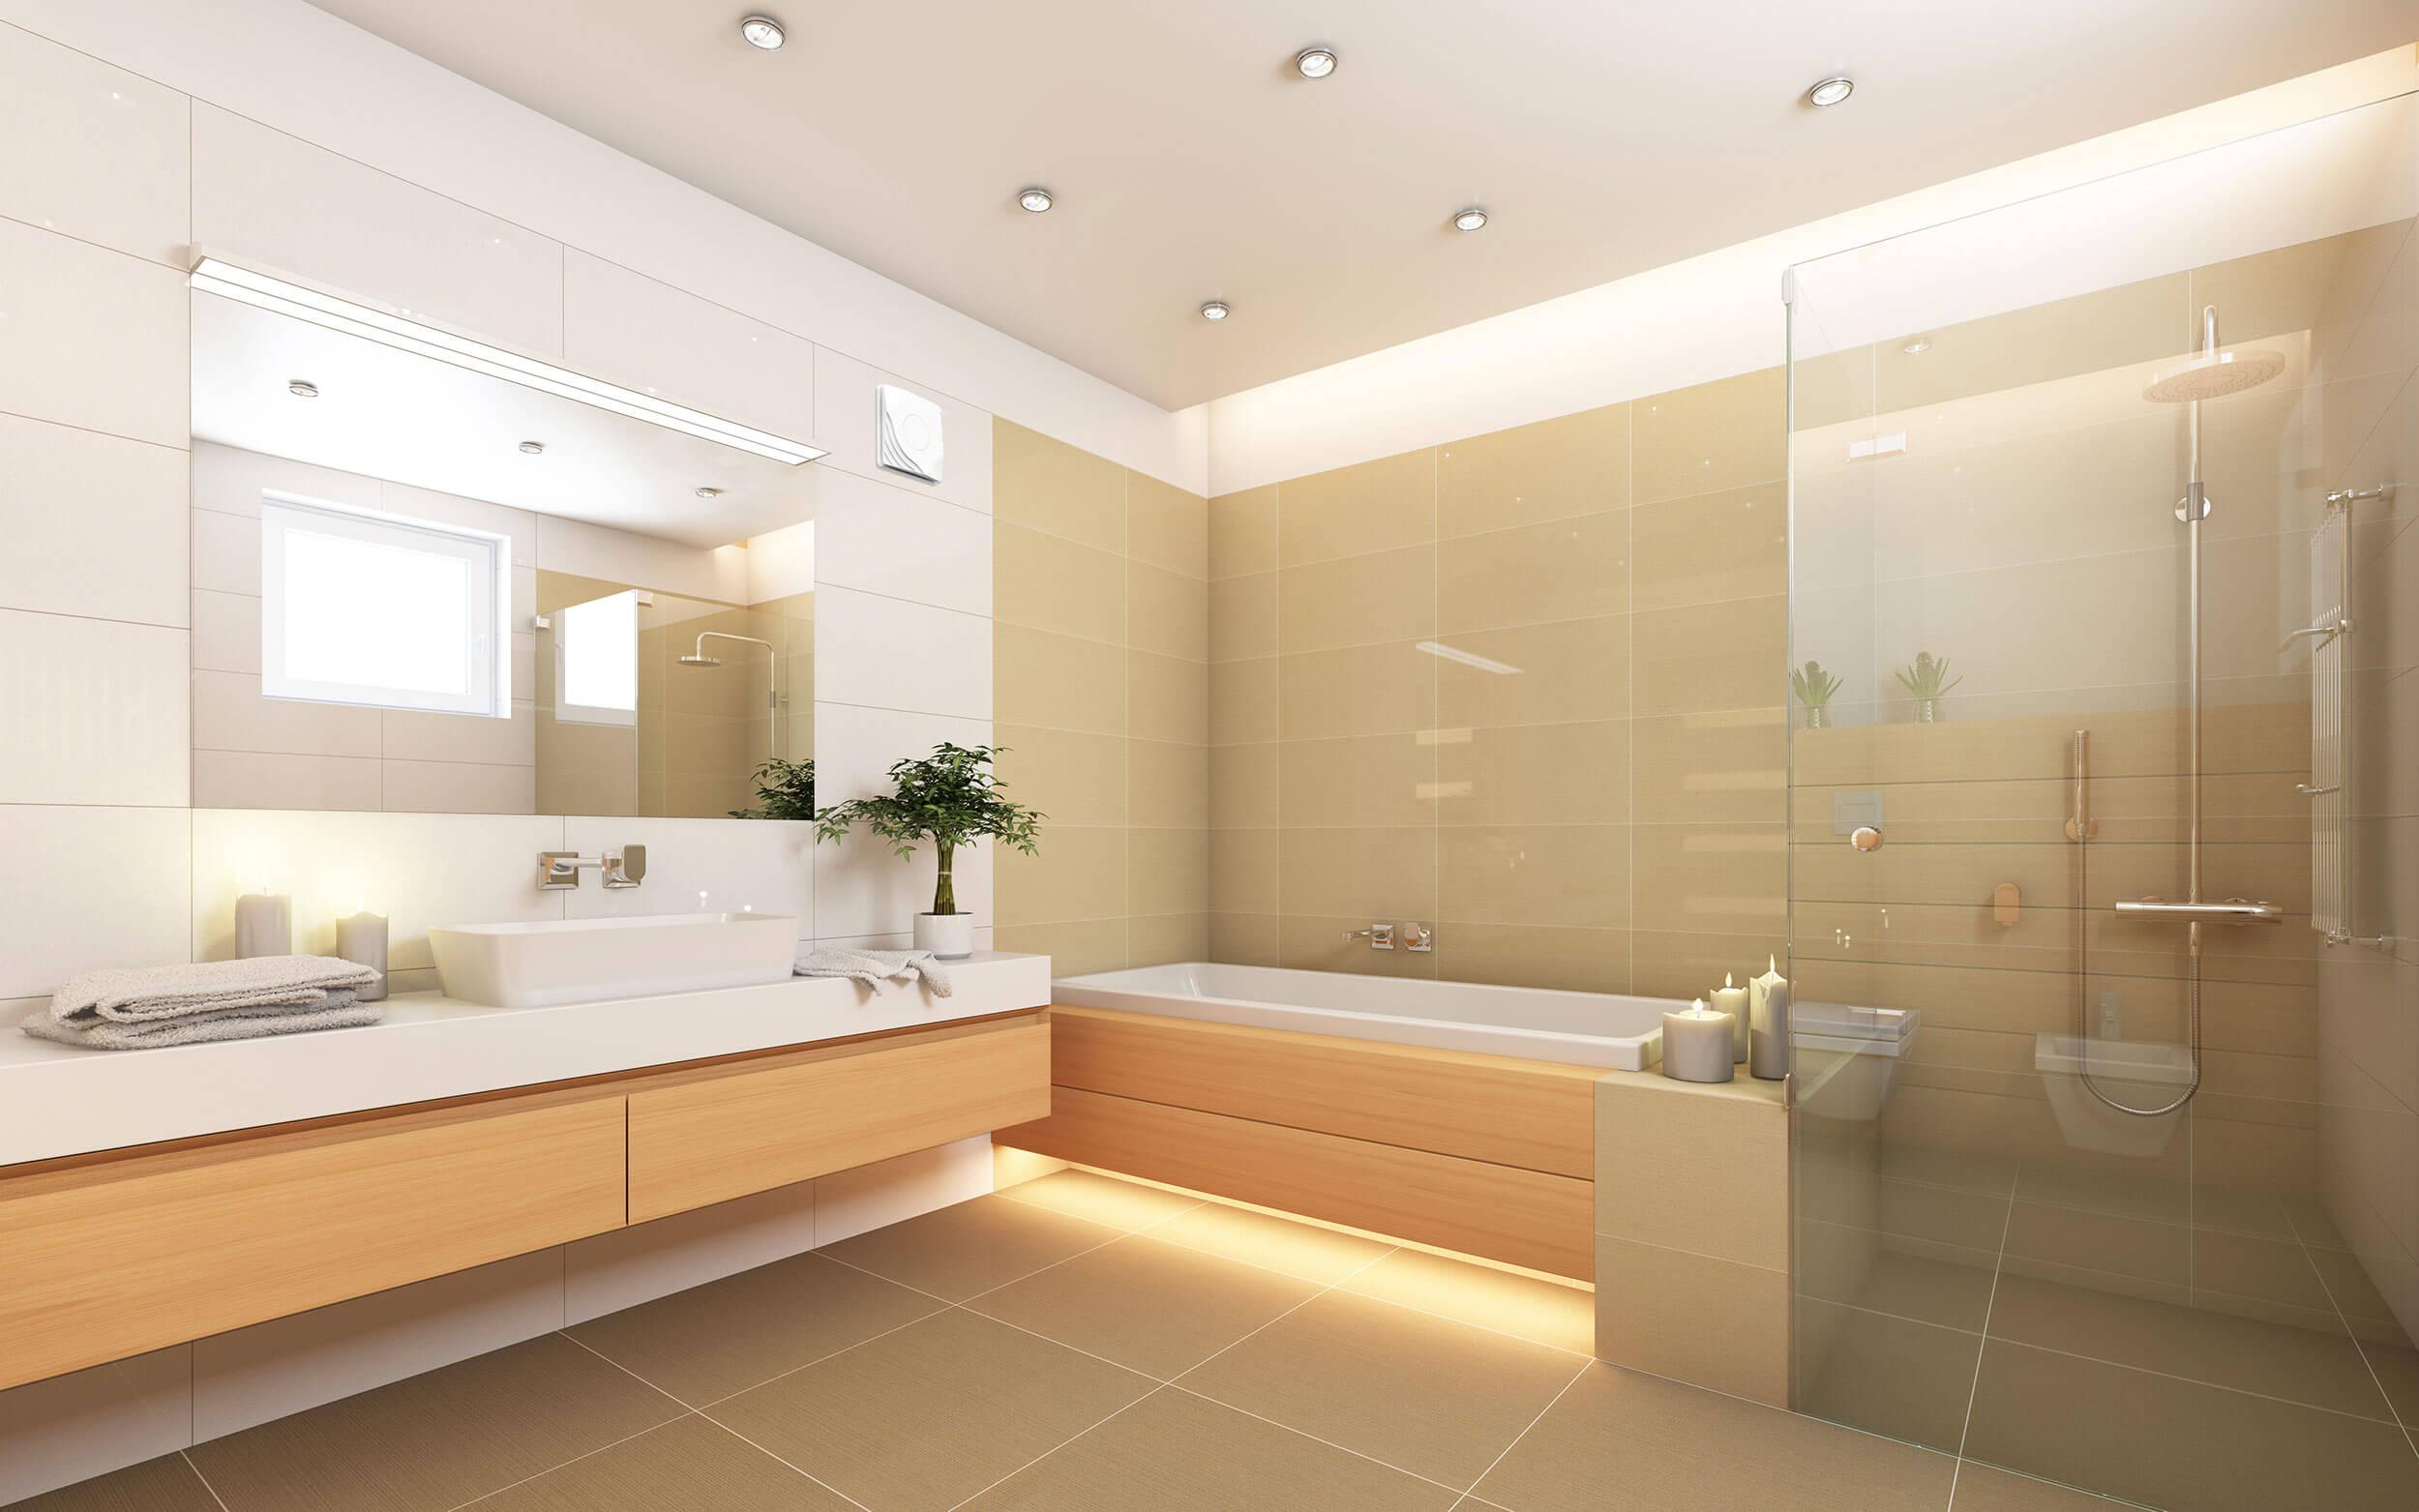 Dezentrale Wohnraumlüftung im Bad – So wichtig ist das Raumklima